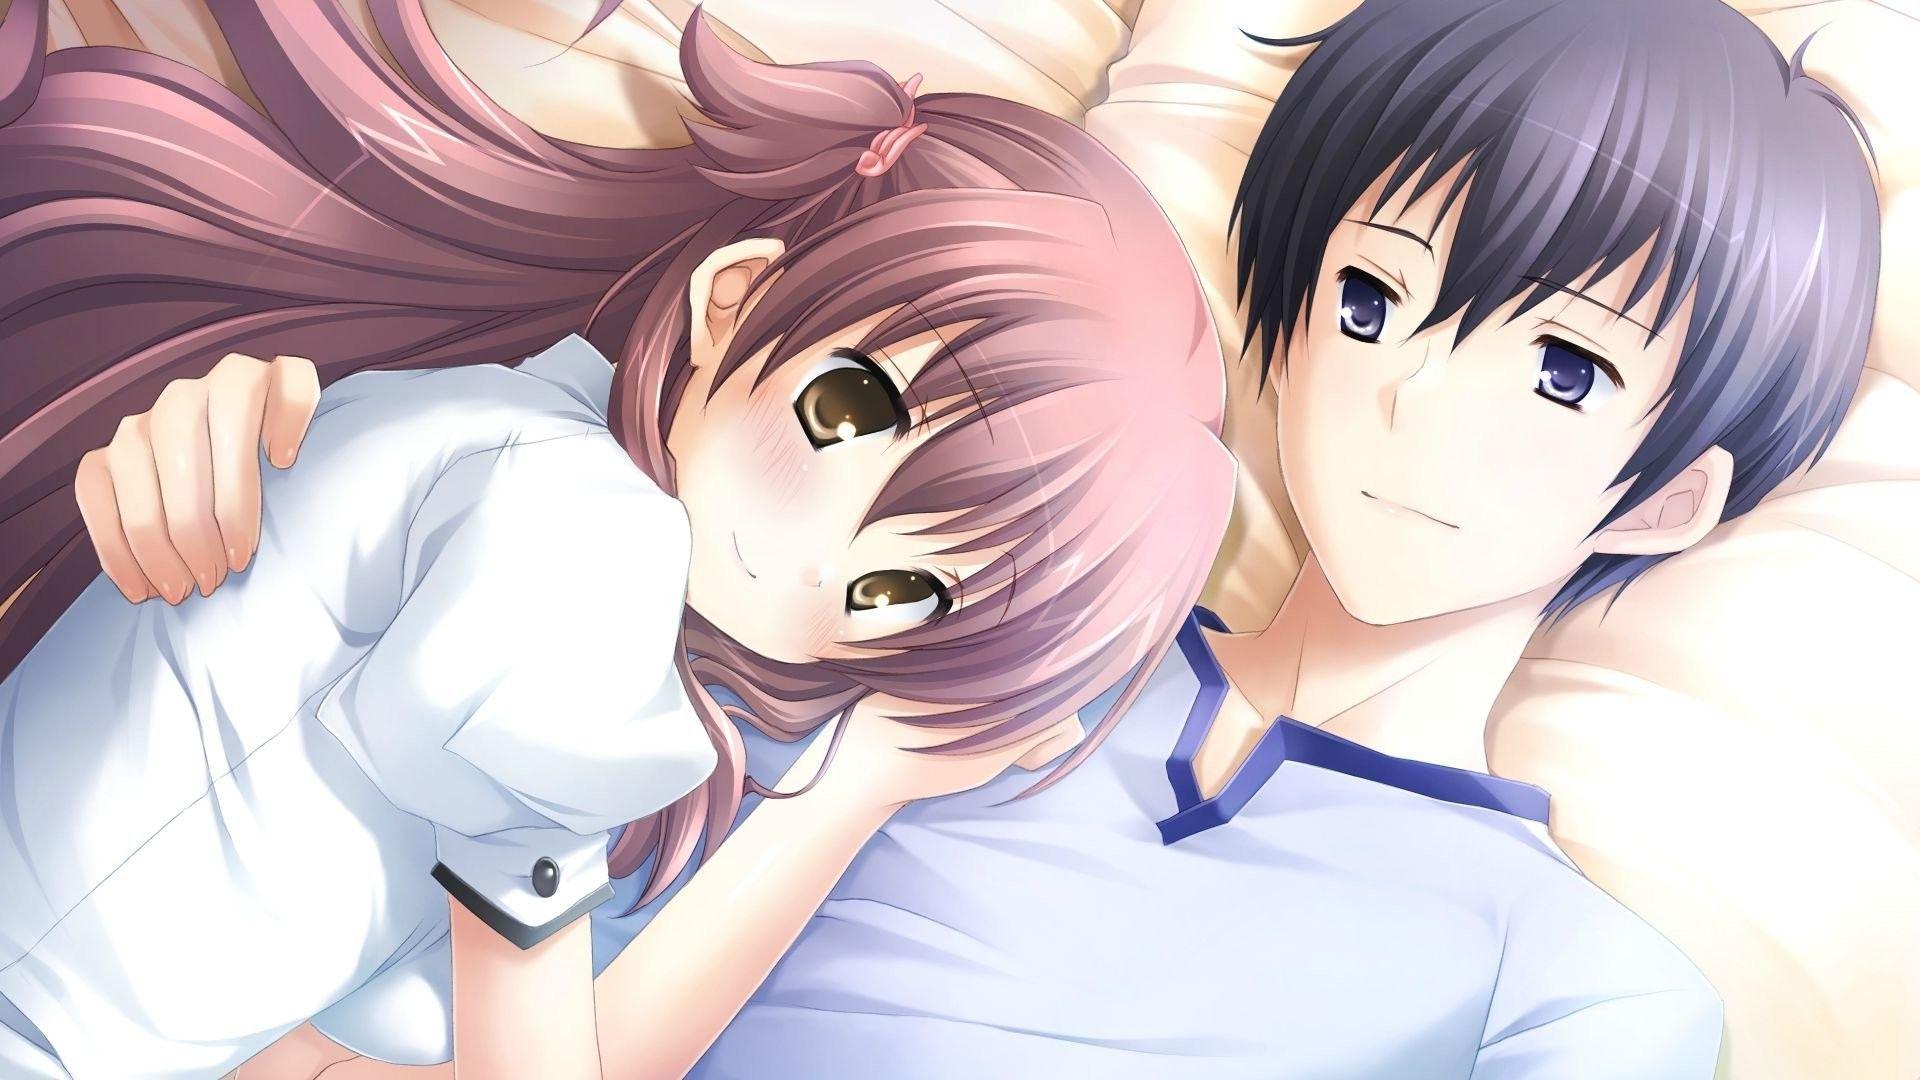 Anime Couple Hug Wallpapers Wallpaper Cave Anime Hug Anime Cute Anime Wallpaper Anime love wallpapers wallpaper cave